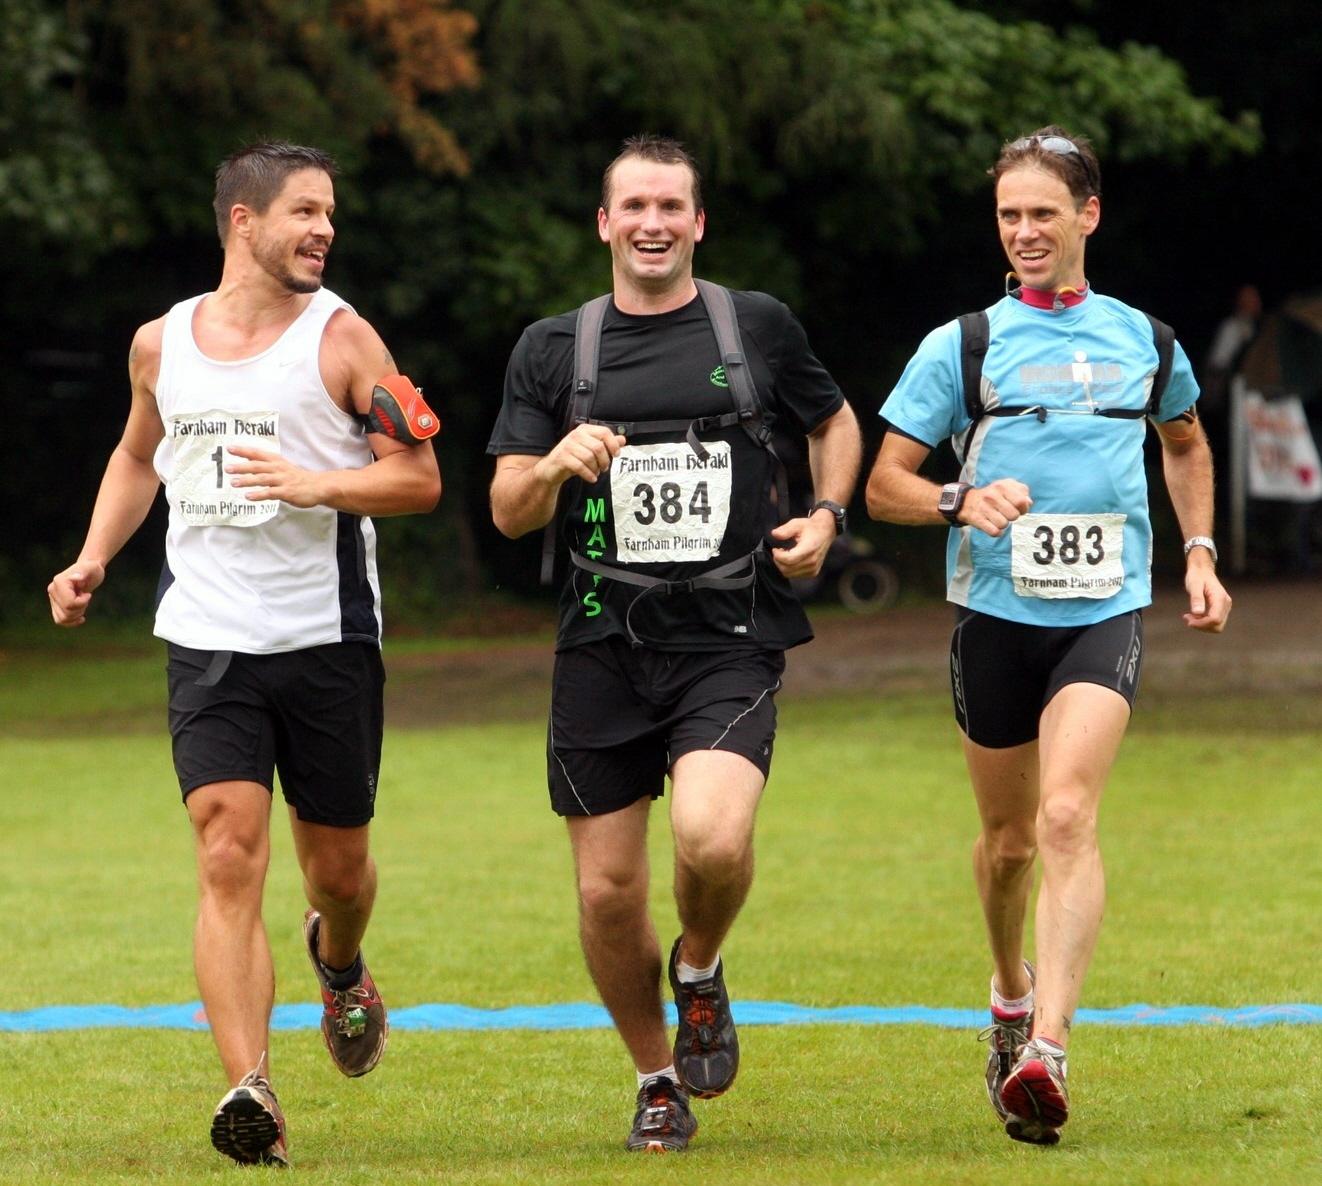 The Farnham Pilgrim Marathon & Half-Marathon